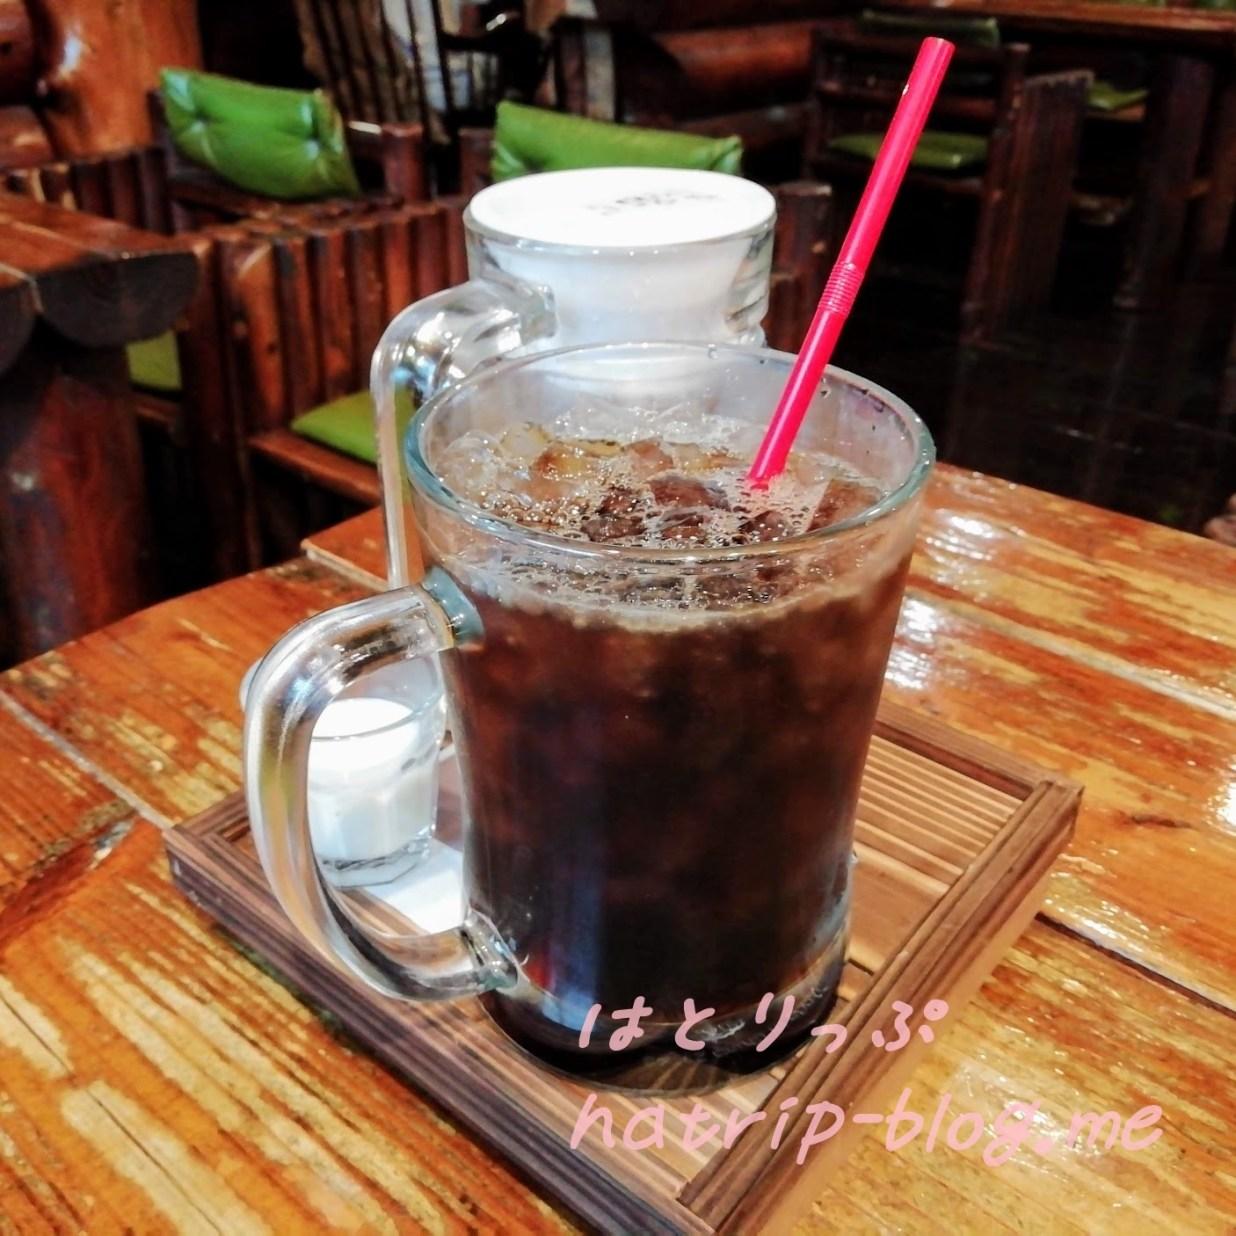 珈琲屋 OB オービー ログ八潮店 本店 アイスコーヒー